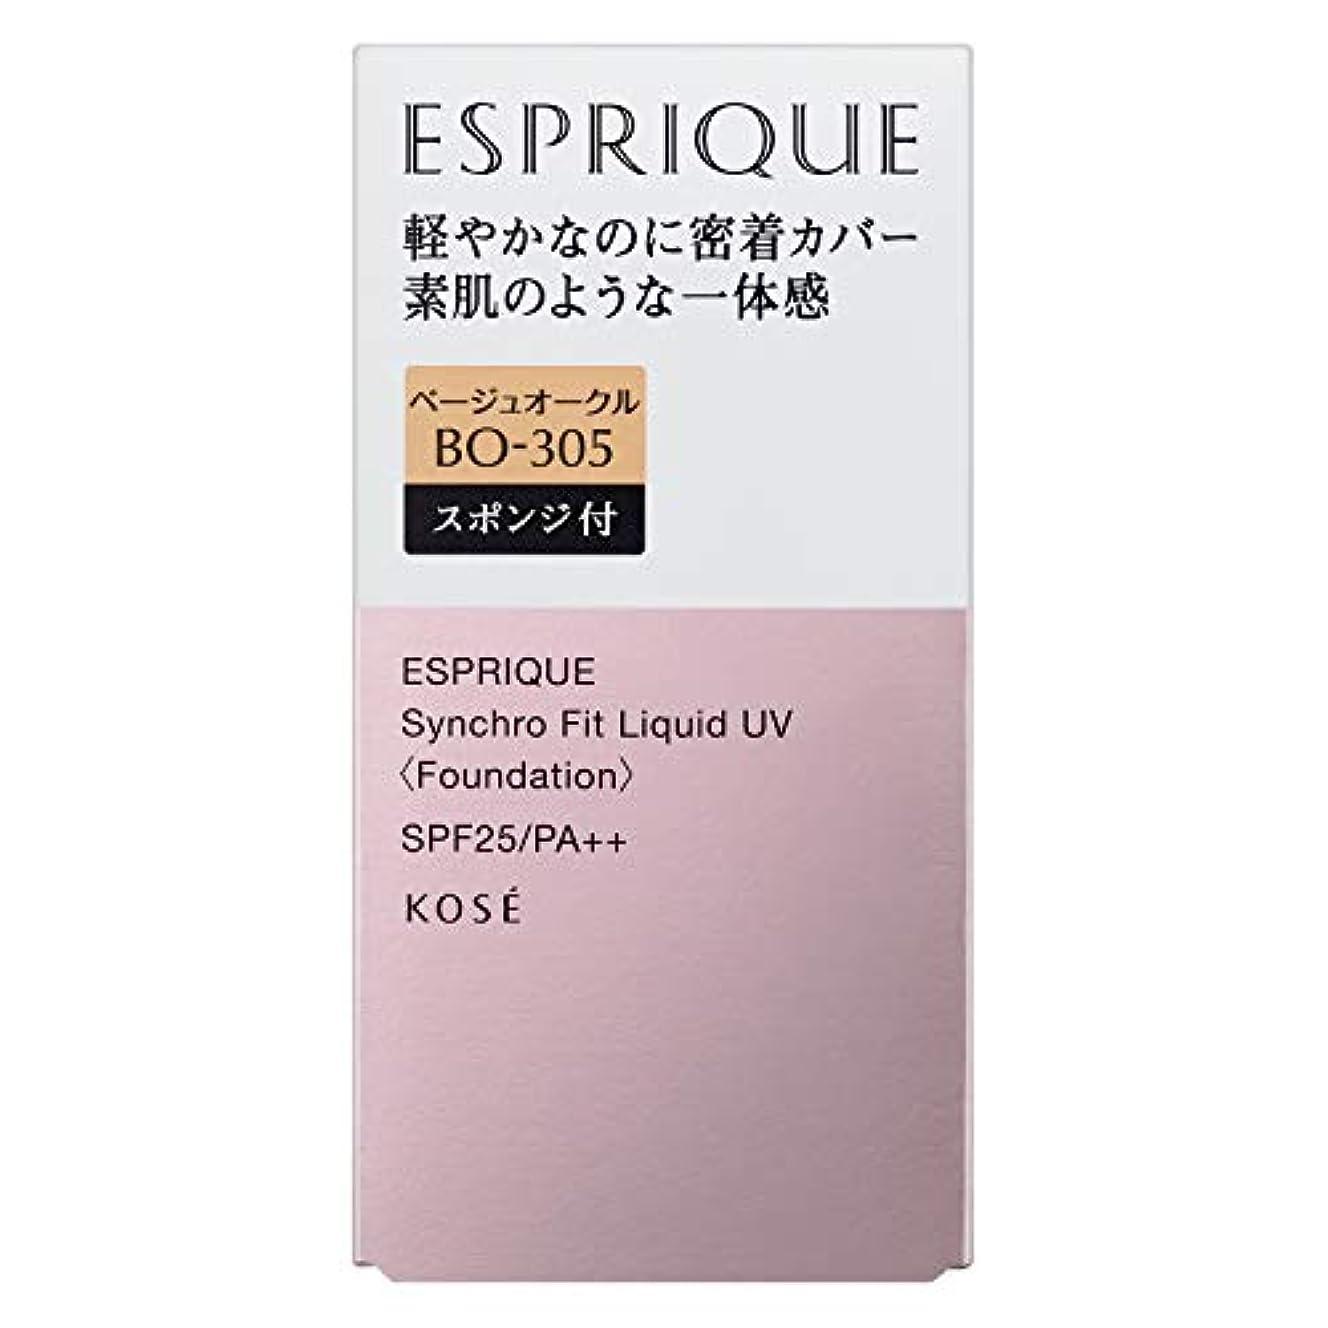 捨てるクレーター夏ESPRIQUE(エスプリーク) エスプリーク シンクロフィット リキッド UV ファンデーション 無香料 BO-305 ベージュオークル 30g